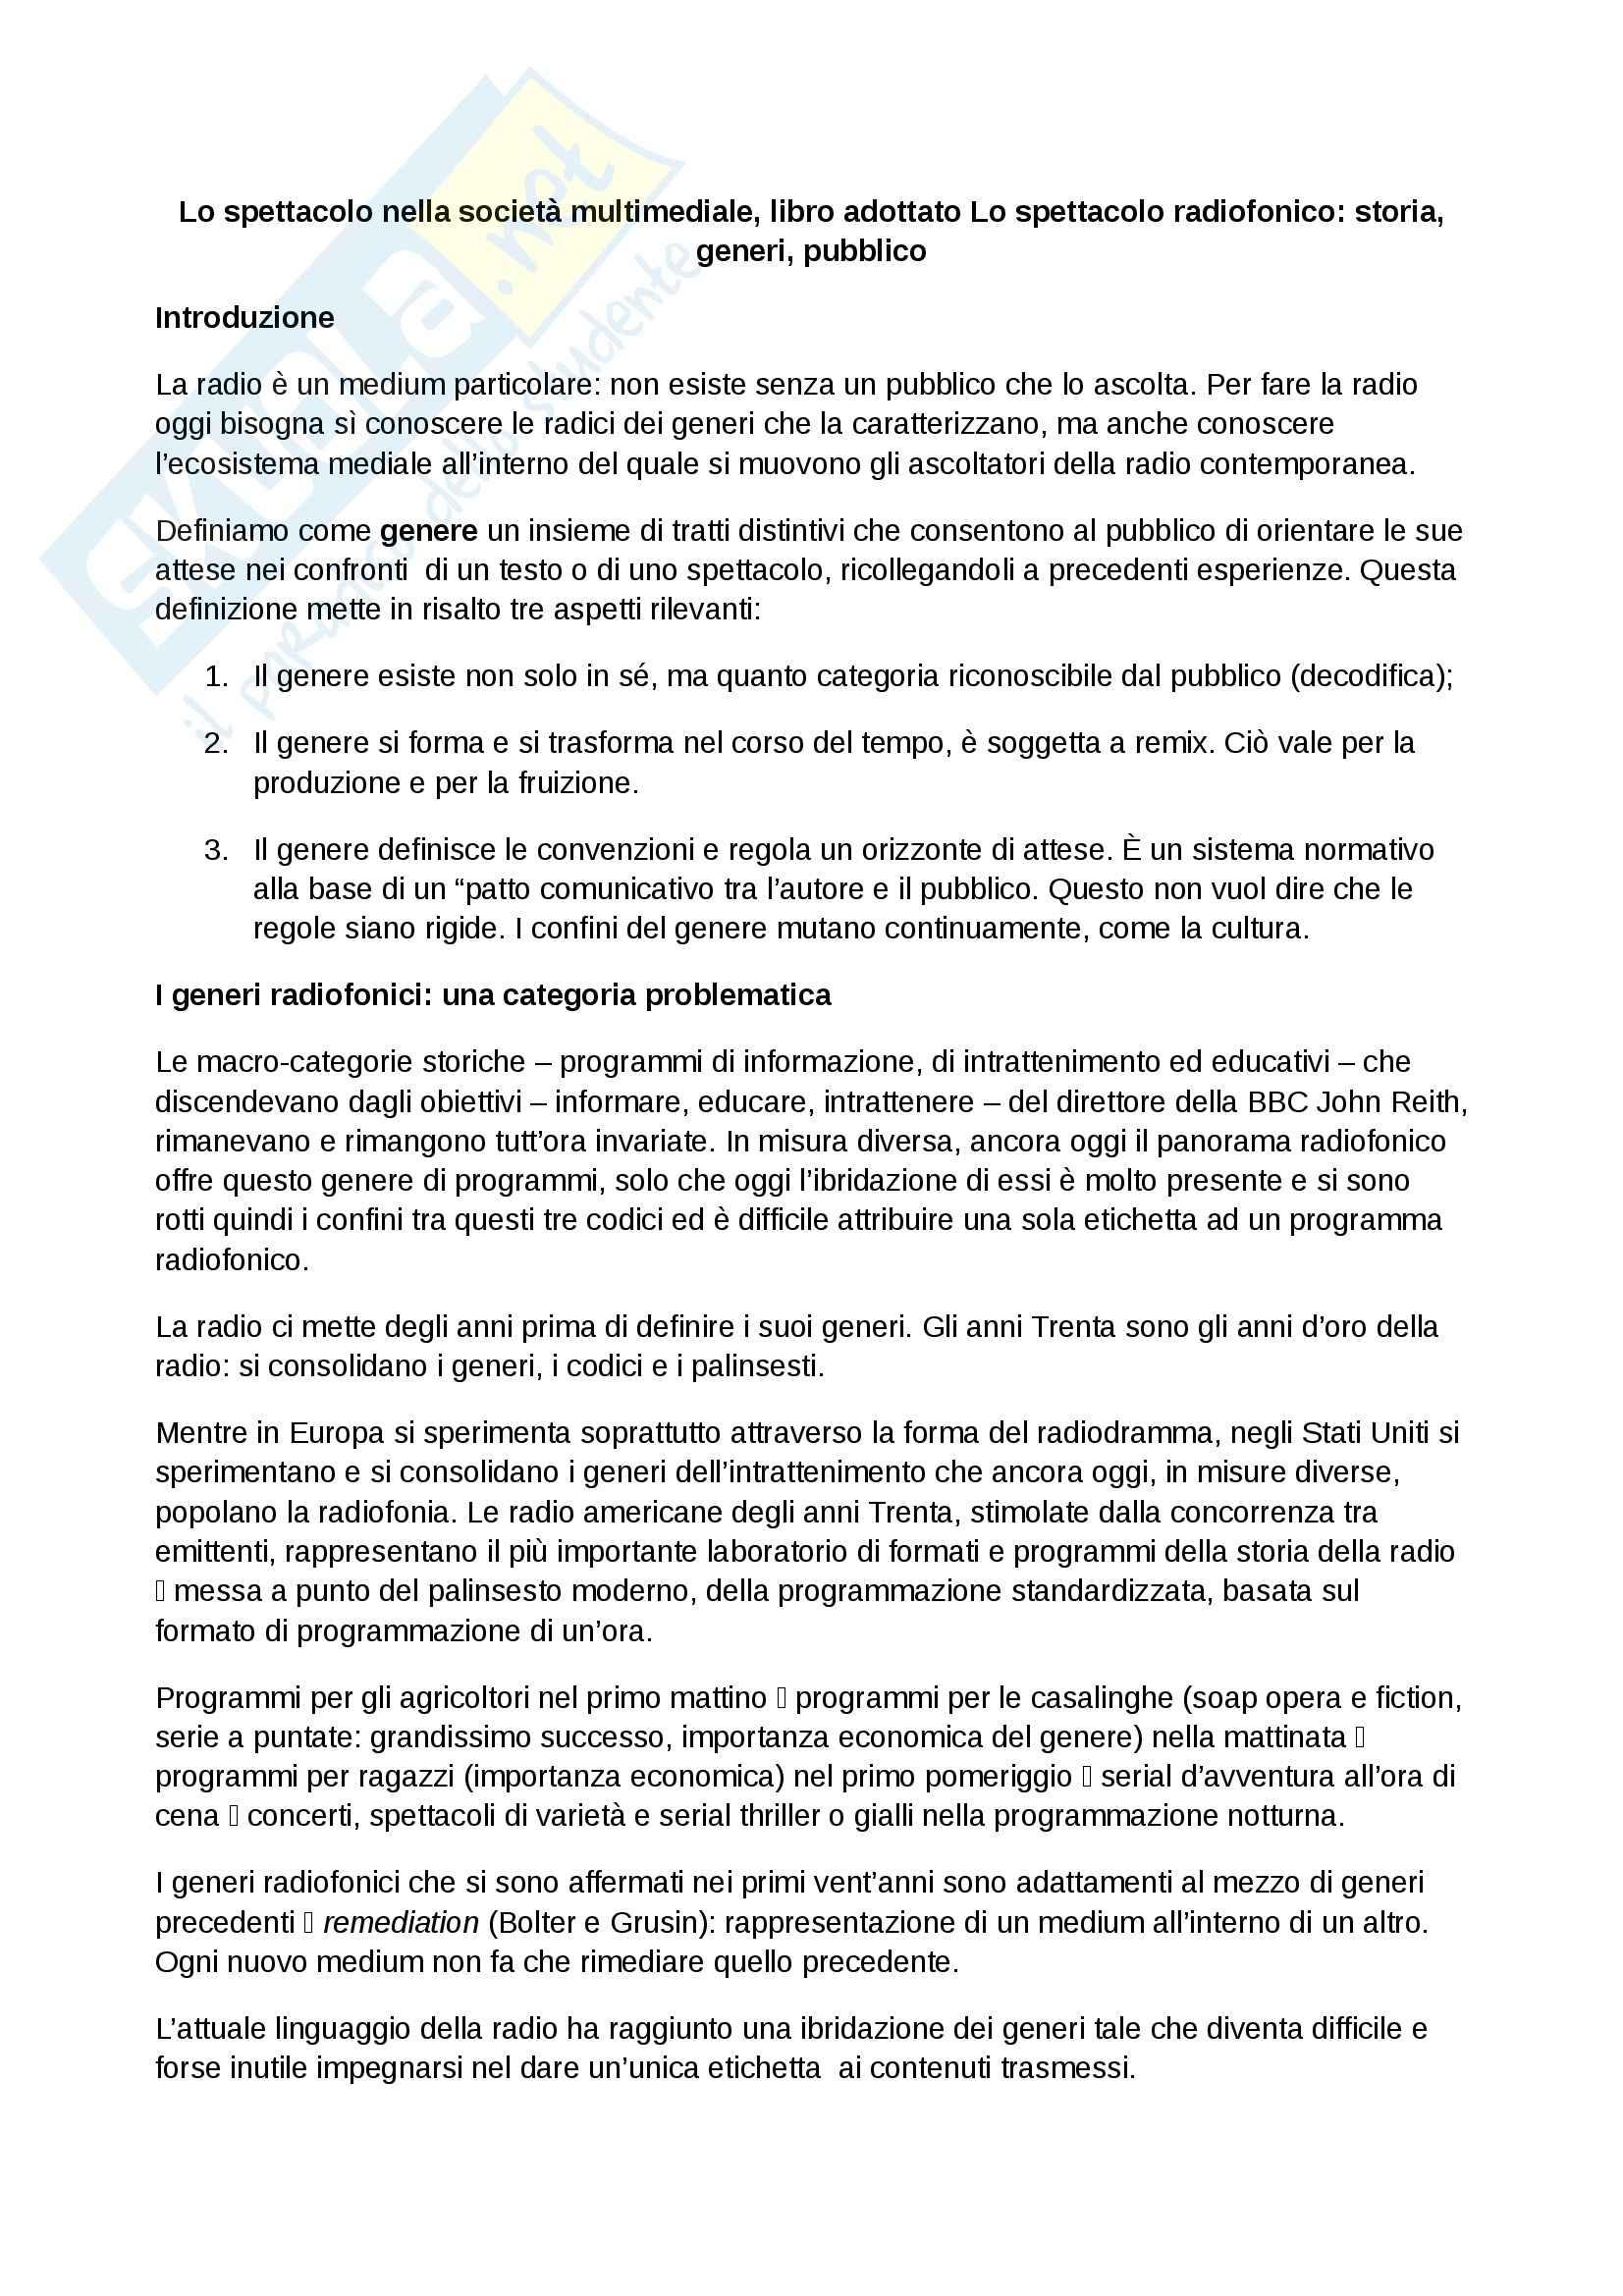 Riassunto esame Spettacolo, prof. Bonini, libro consigliato Lo spettacolo radiofonico